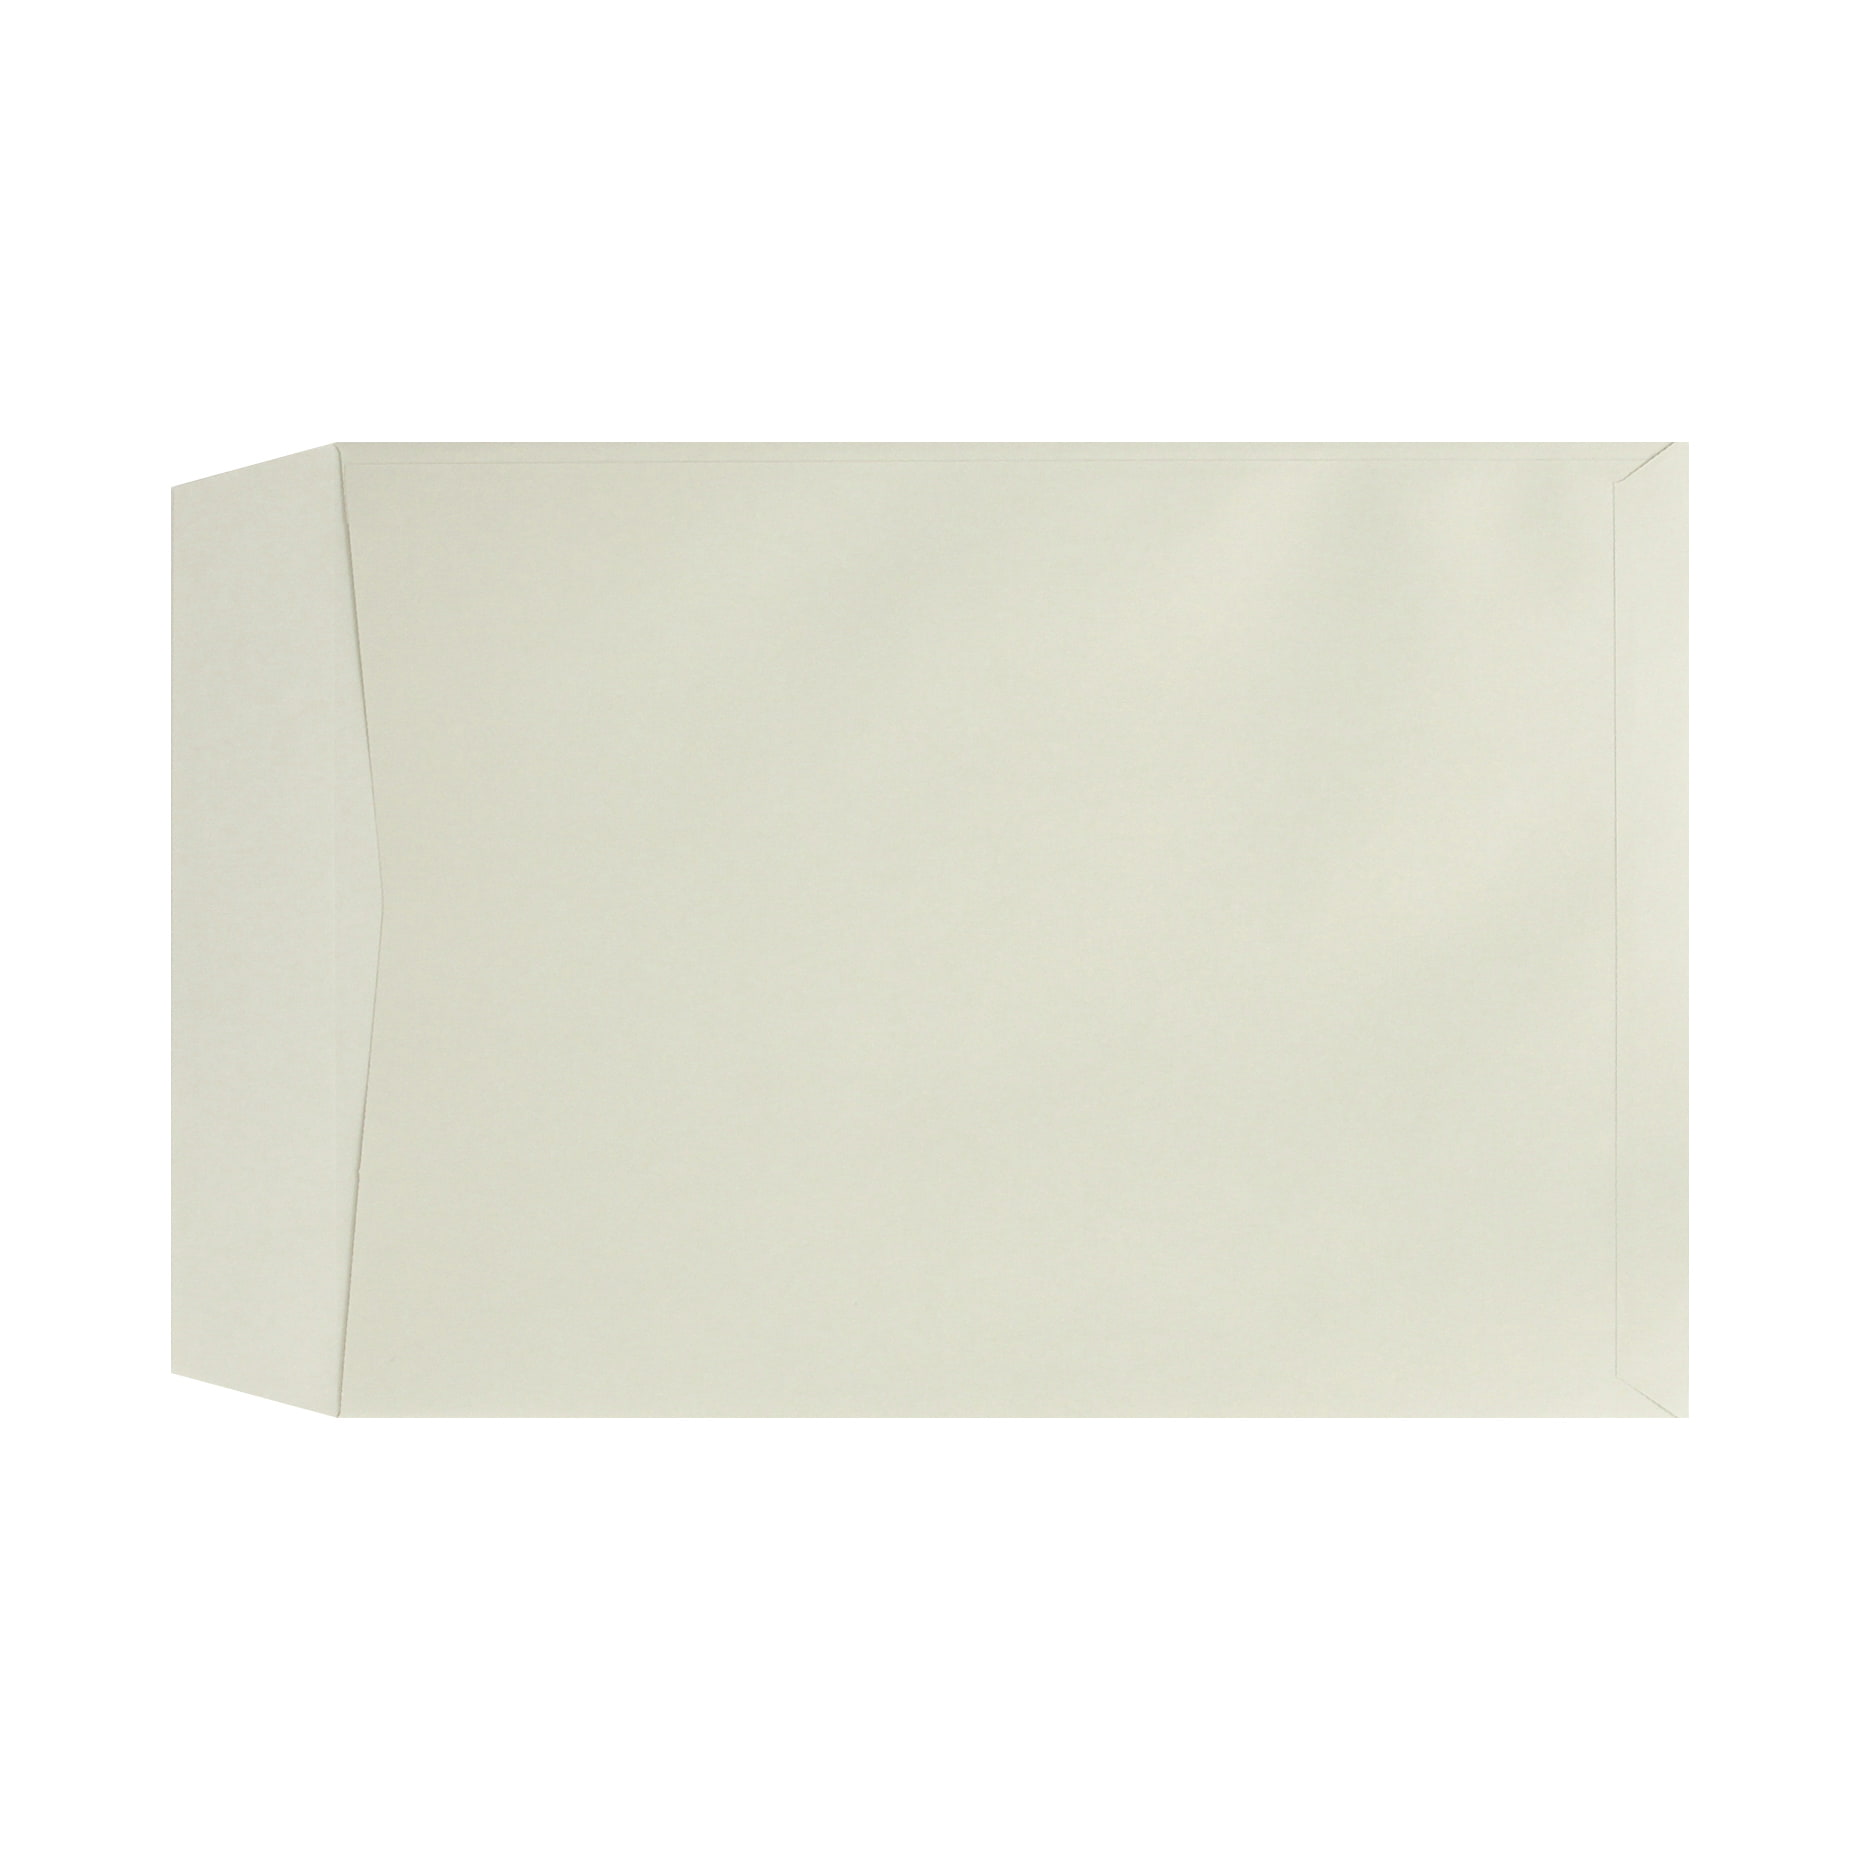 サンプル 封筒・袋 00049